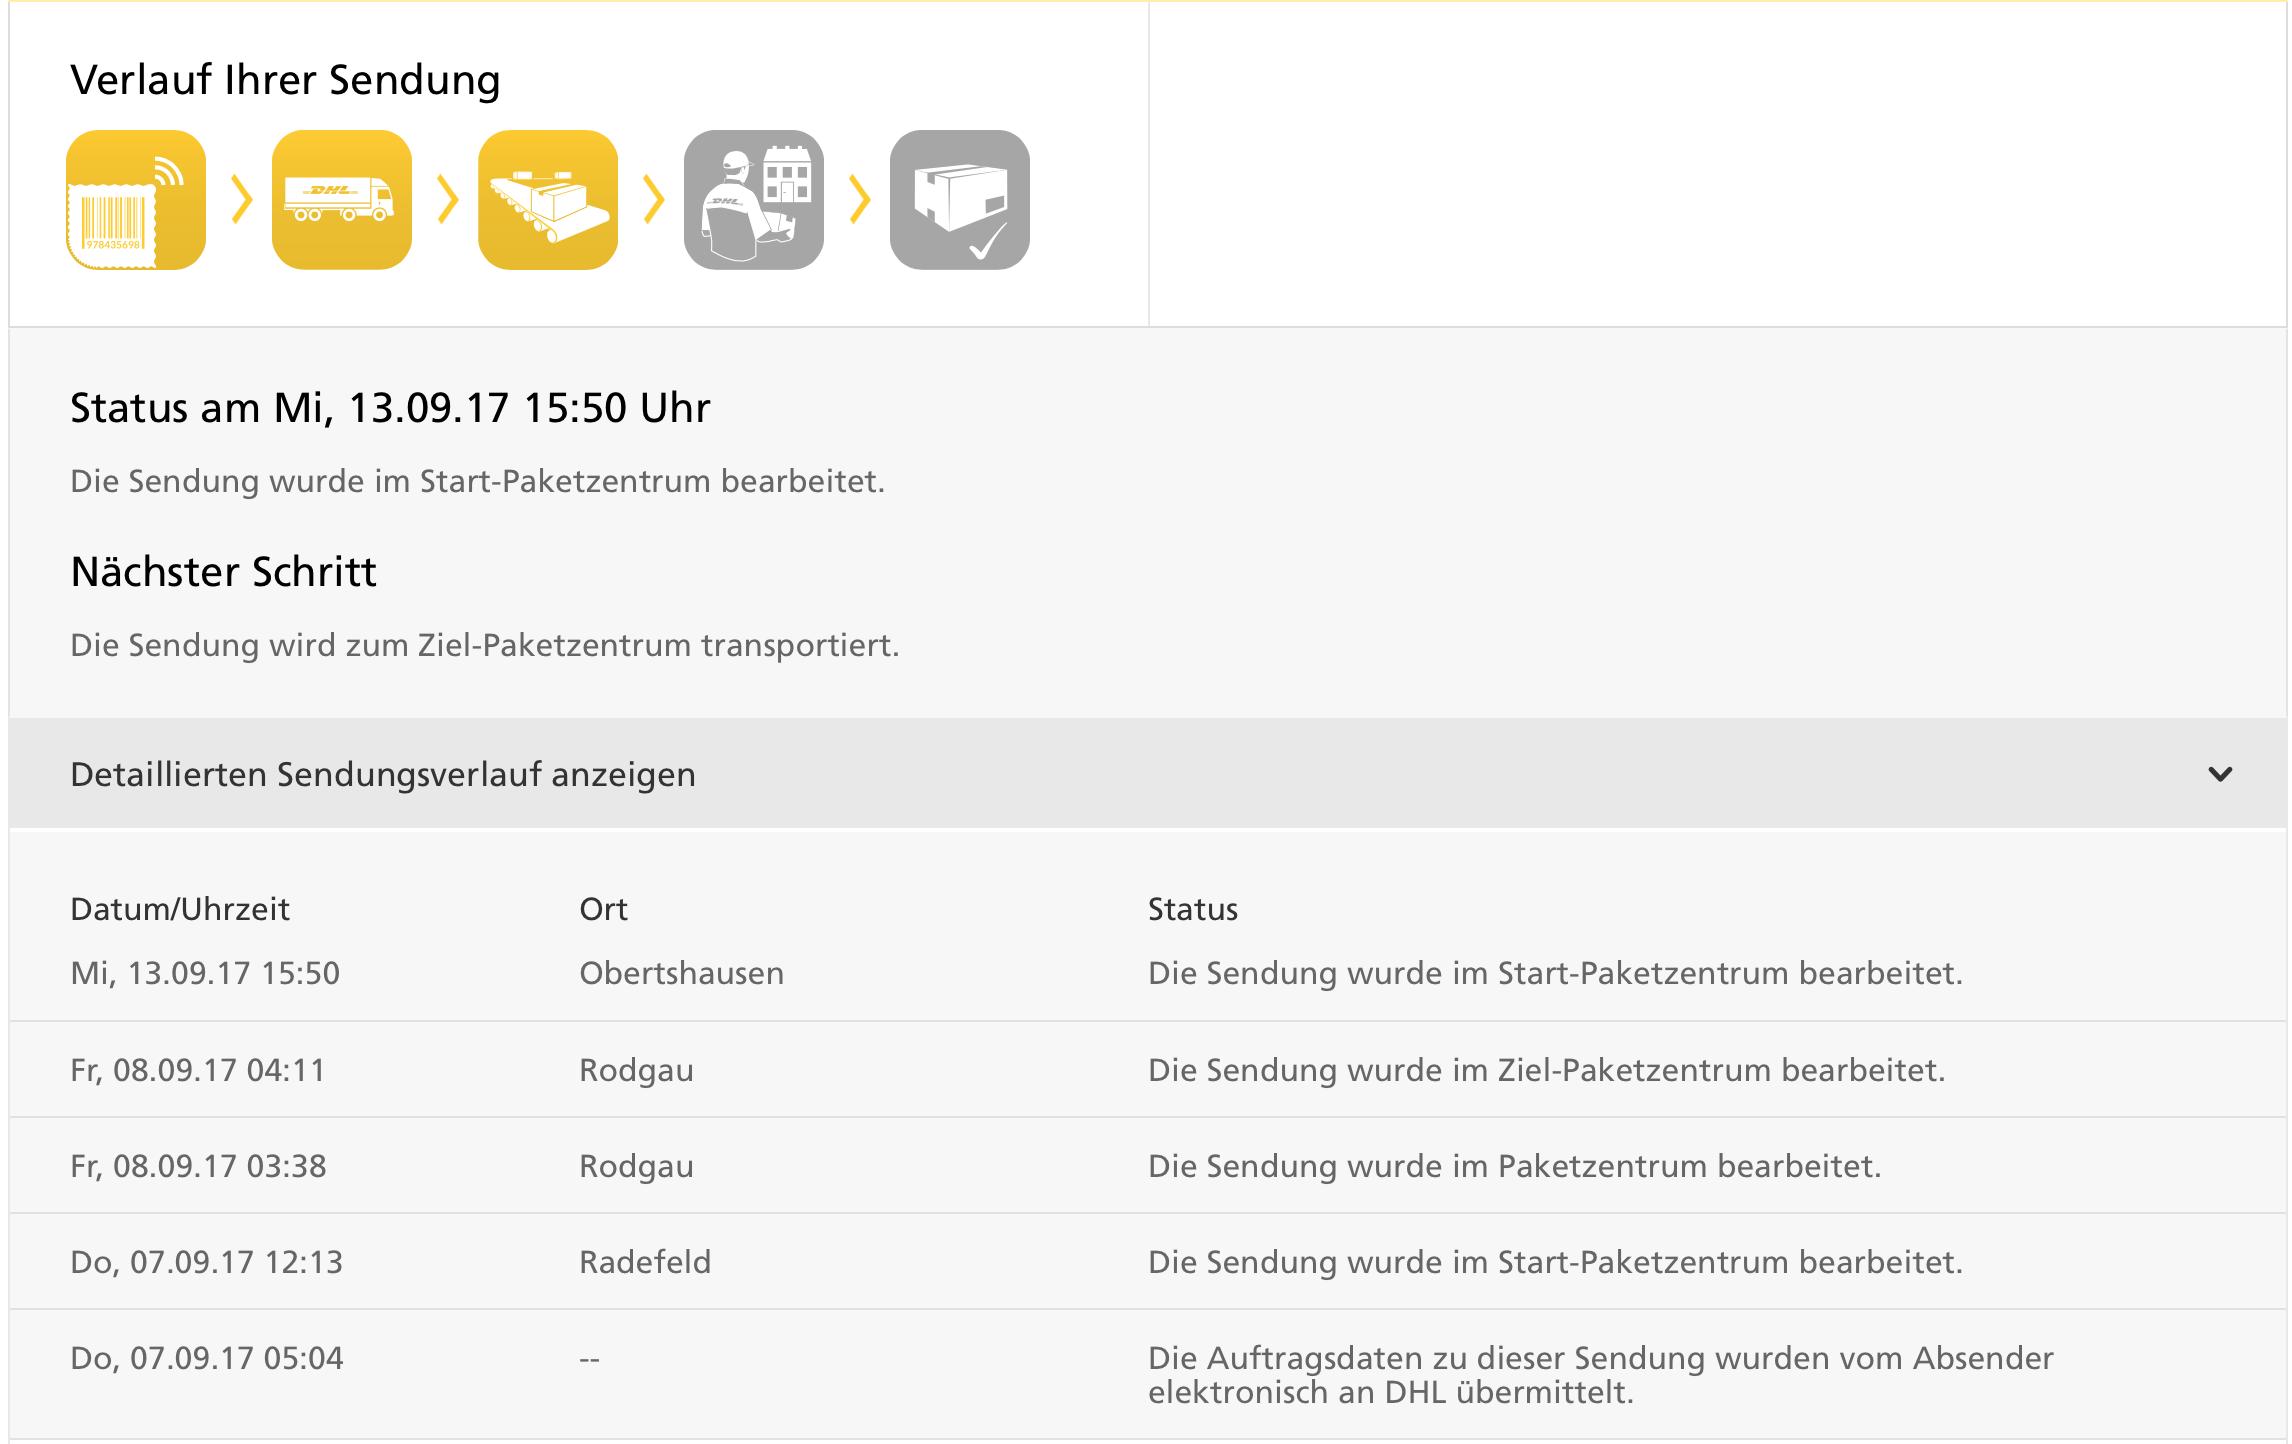 Community Dhl Paket Steckt Im Ziel Paketzentrum Fest Telekom